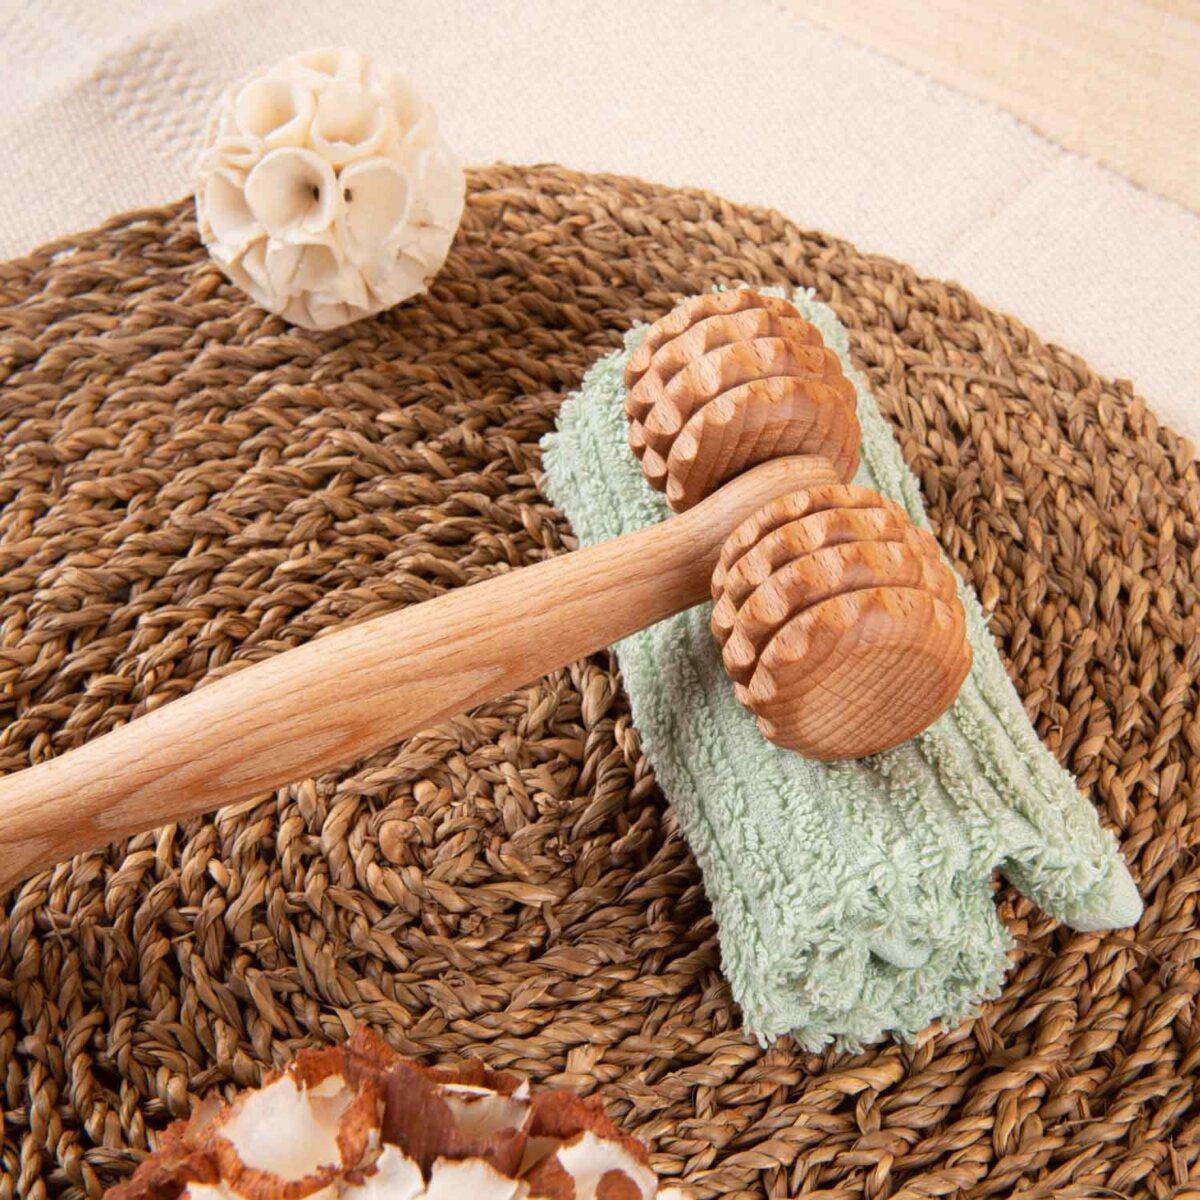 houten massagetoestel